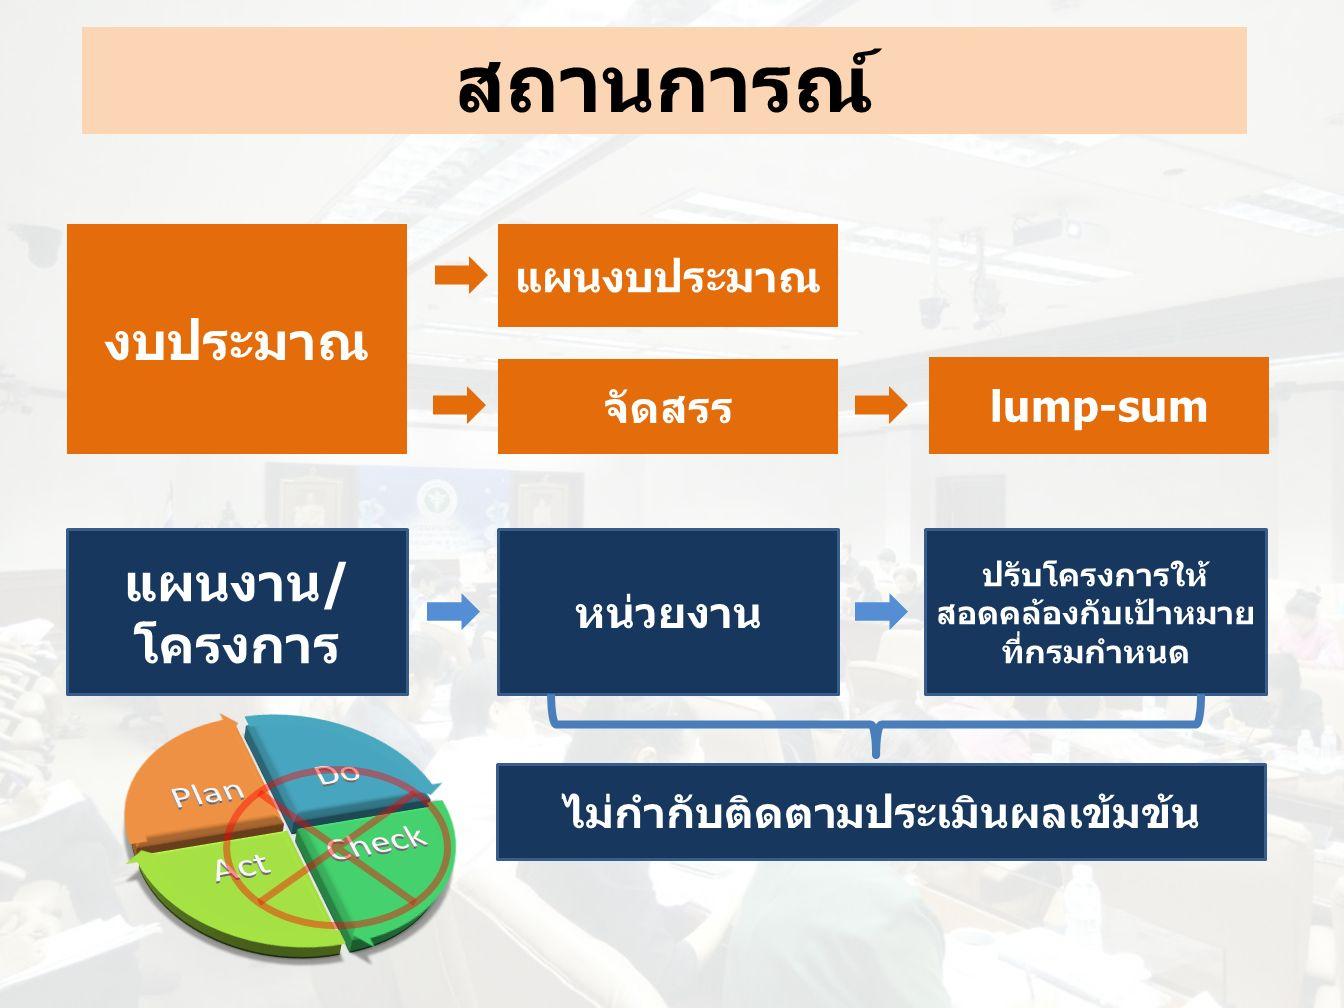 งบประมาณ แผนงบประมาณ จัดสรร lump-sum สถานการณ์ แผนงาน/ โครงการ หน่วยงาน ปรับโครงการให้ สอดคล้องกับเป้าหมาย ที่กรมกำหนด ไม่กำกับติดตามประเมินผลเข้มข้น